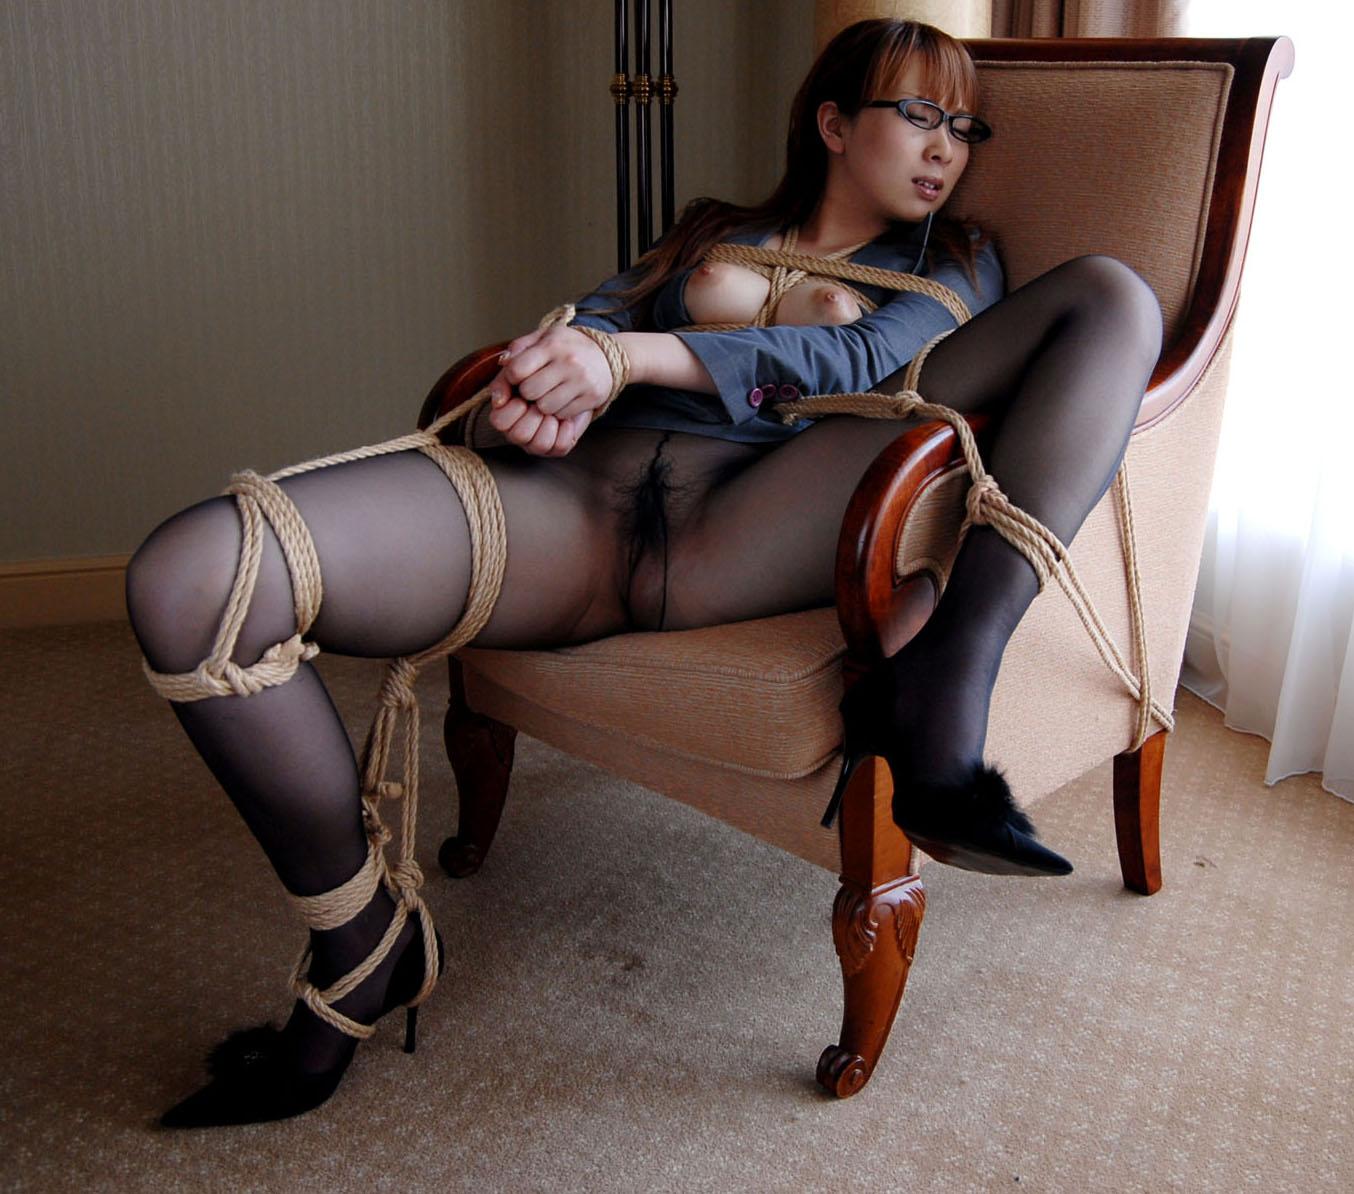 Erotic bondage pics sex scenes